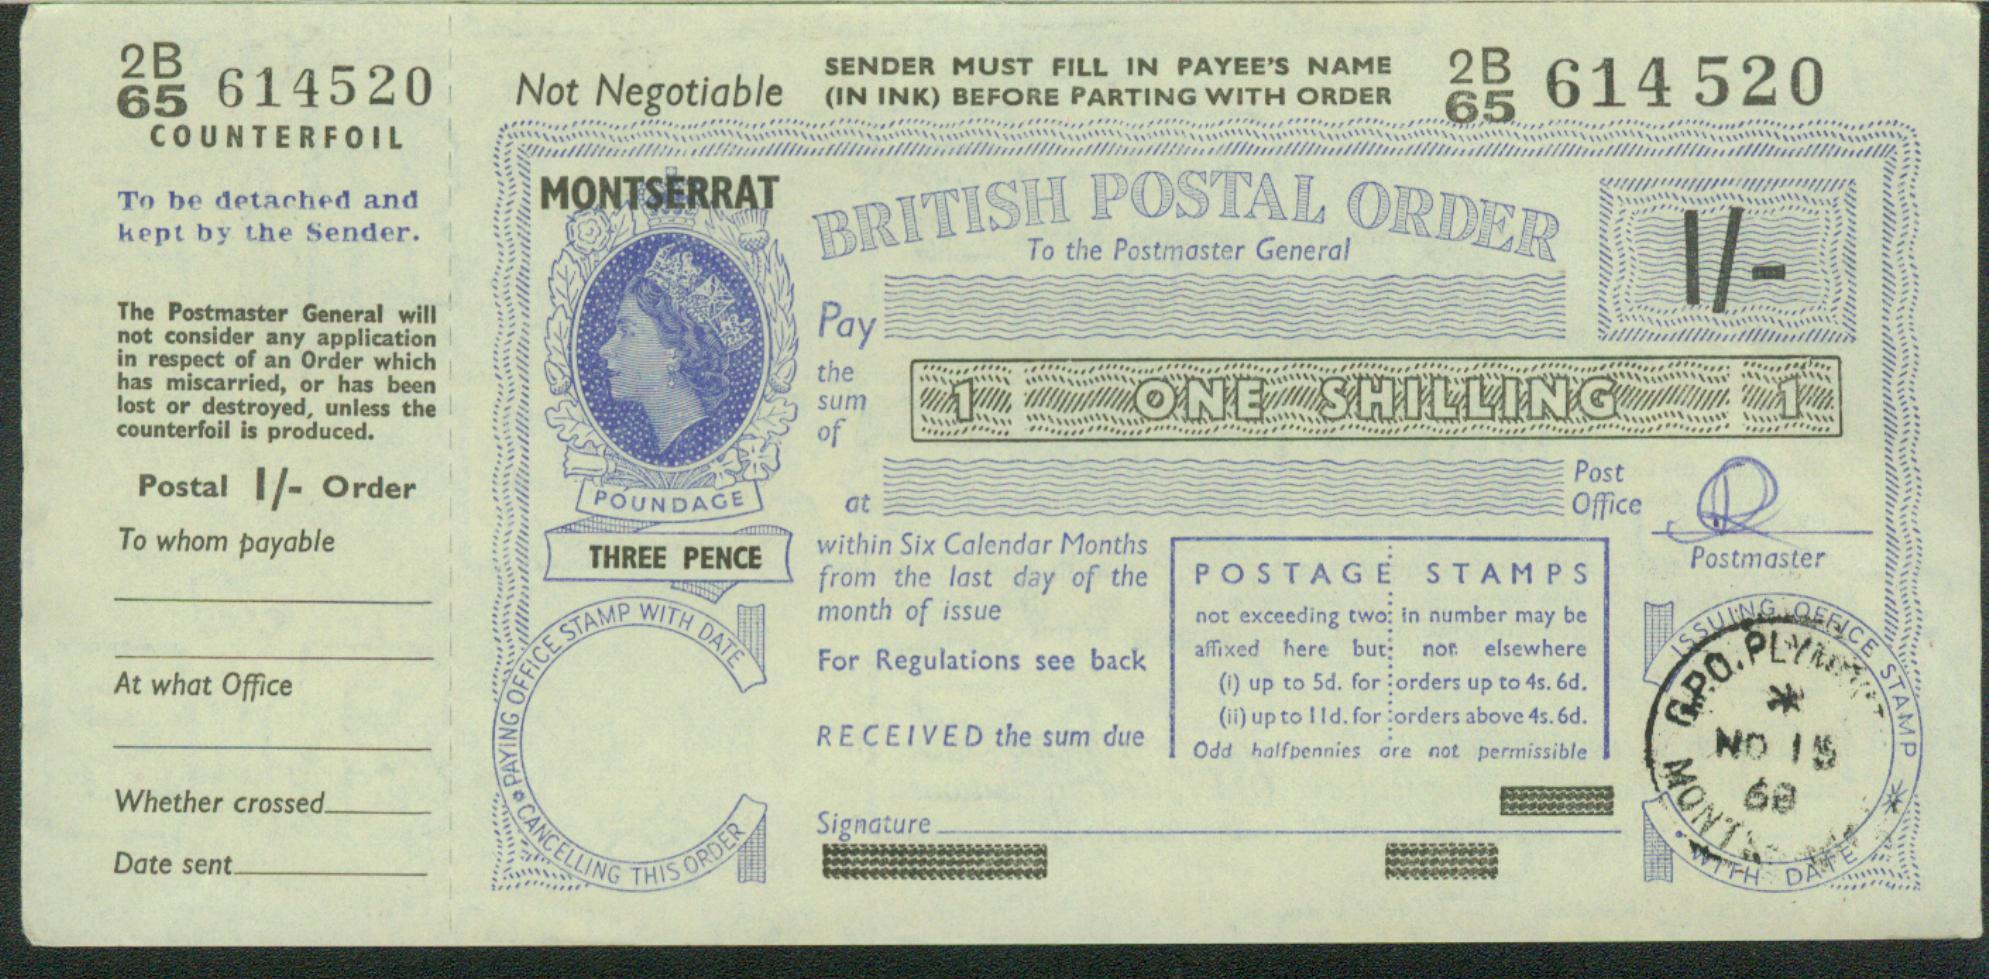 Montserrat postal order